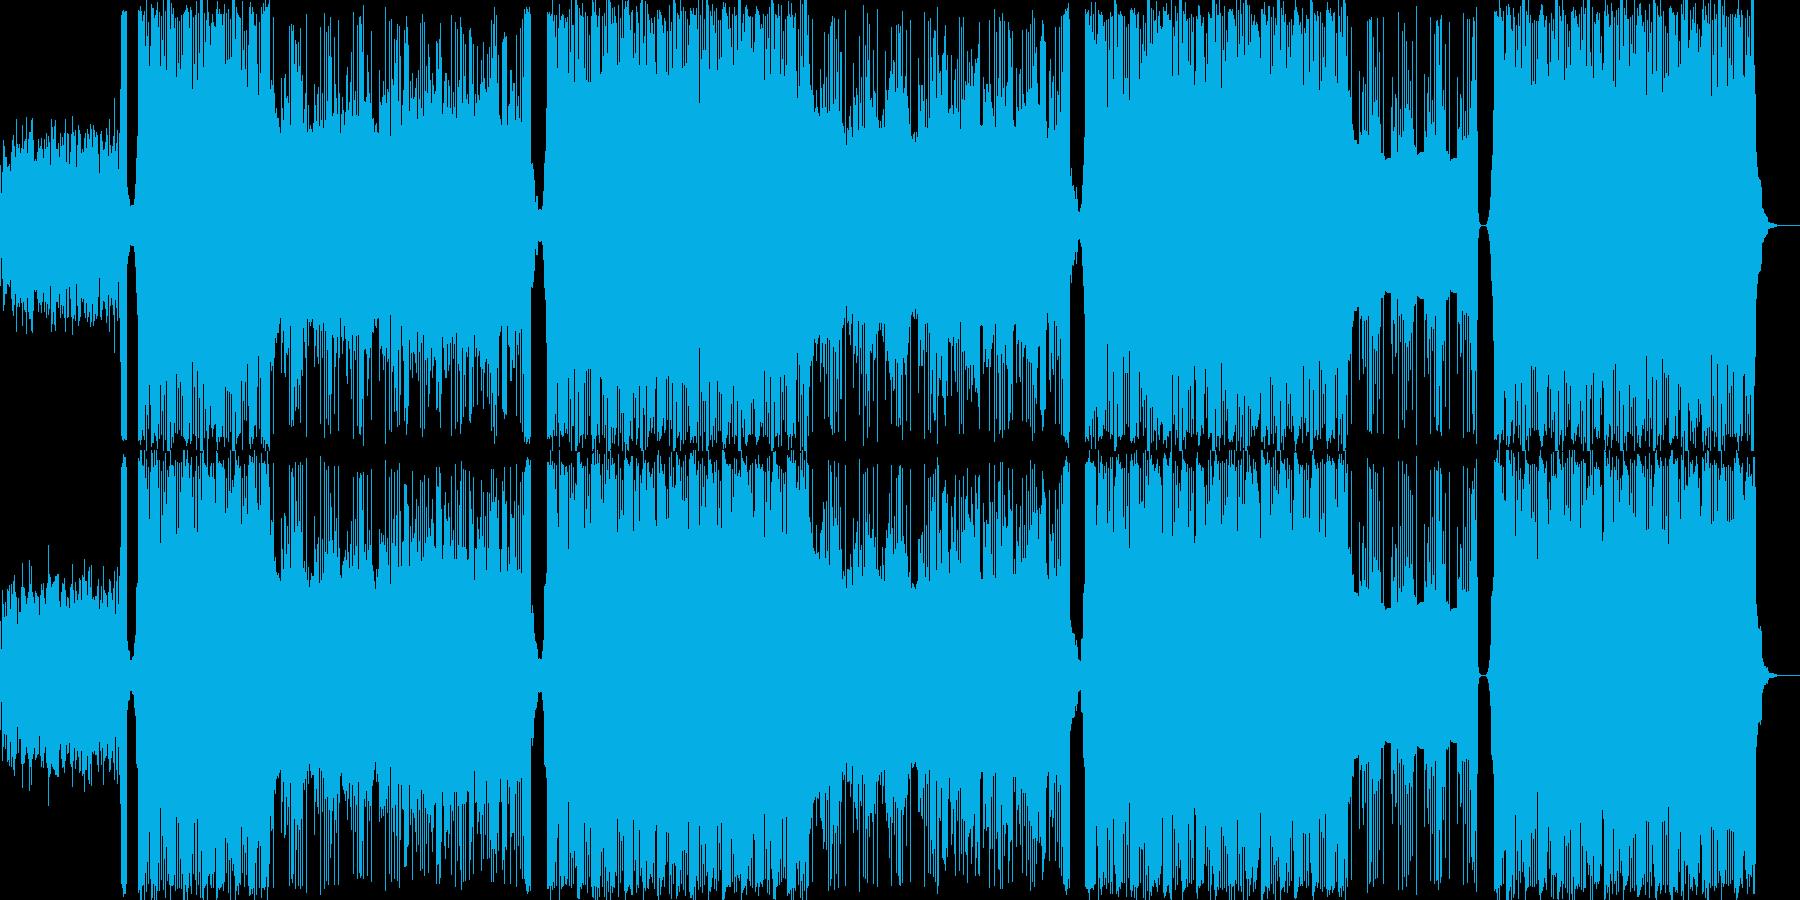 ヒップホップ/ダーク/クランク/#2の再生済みの波形